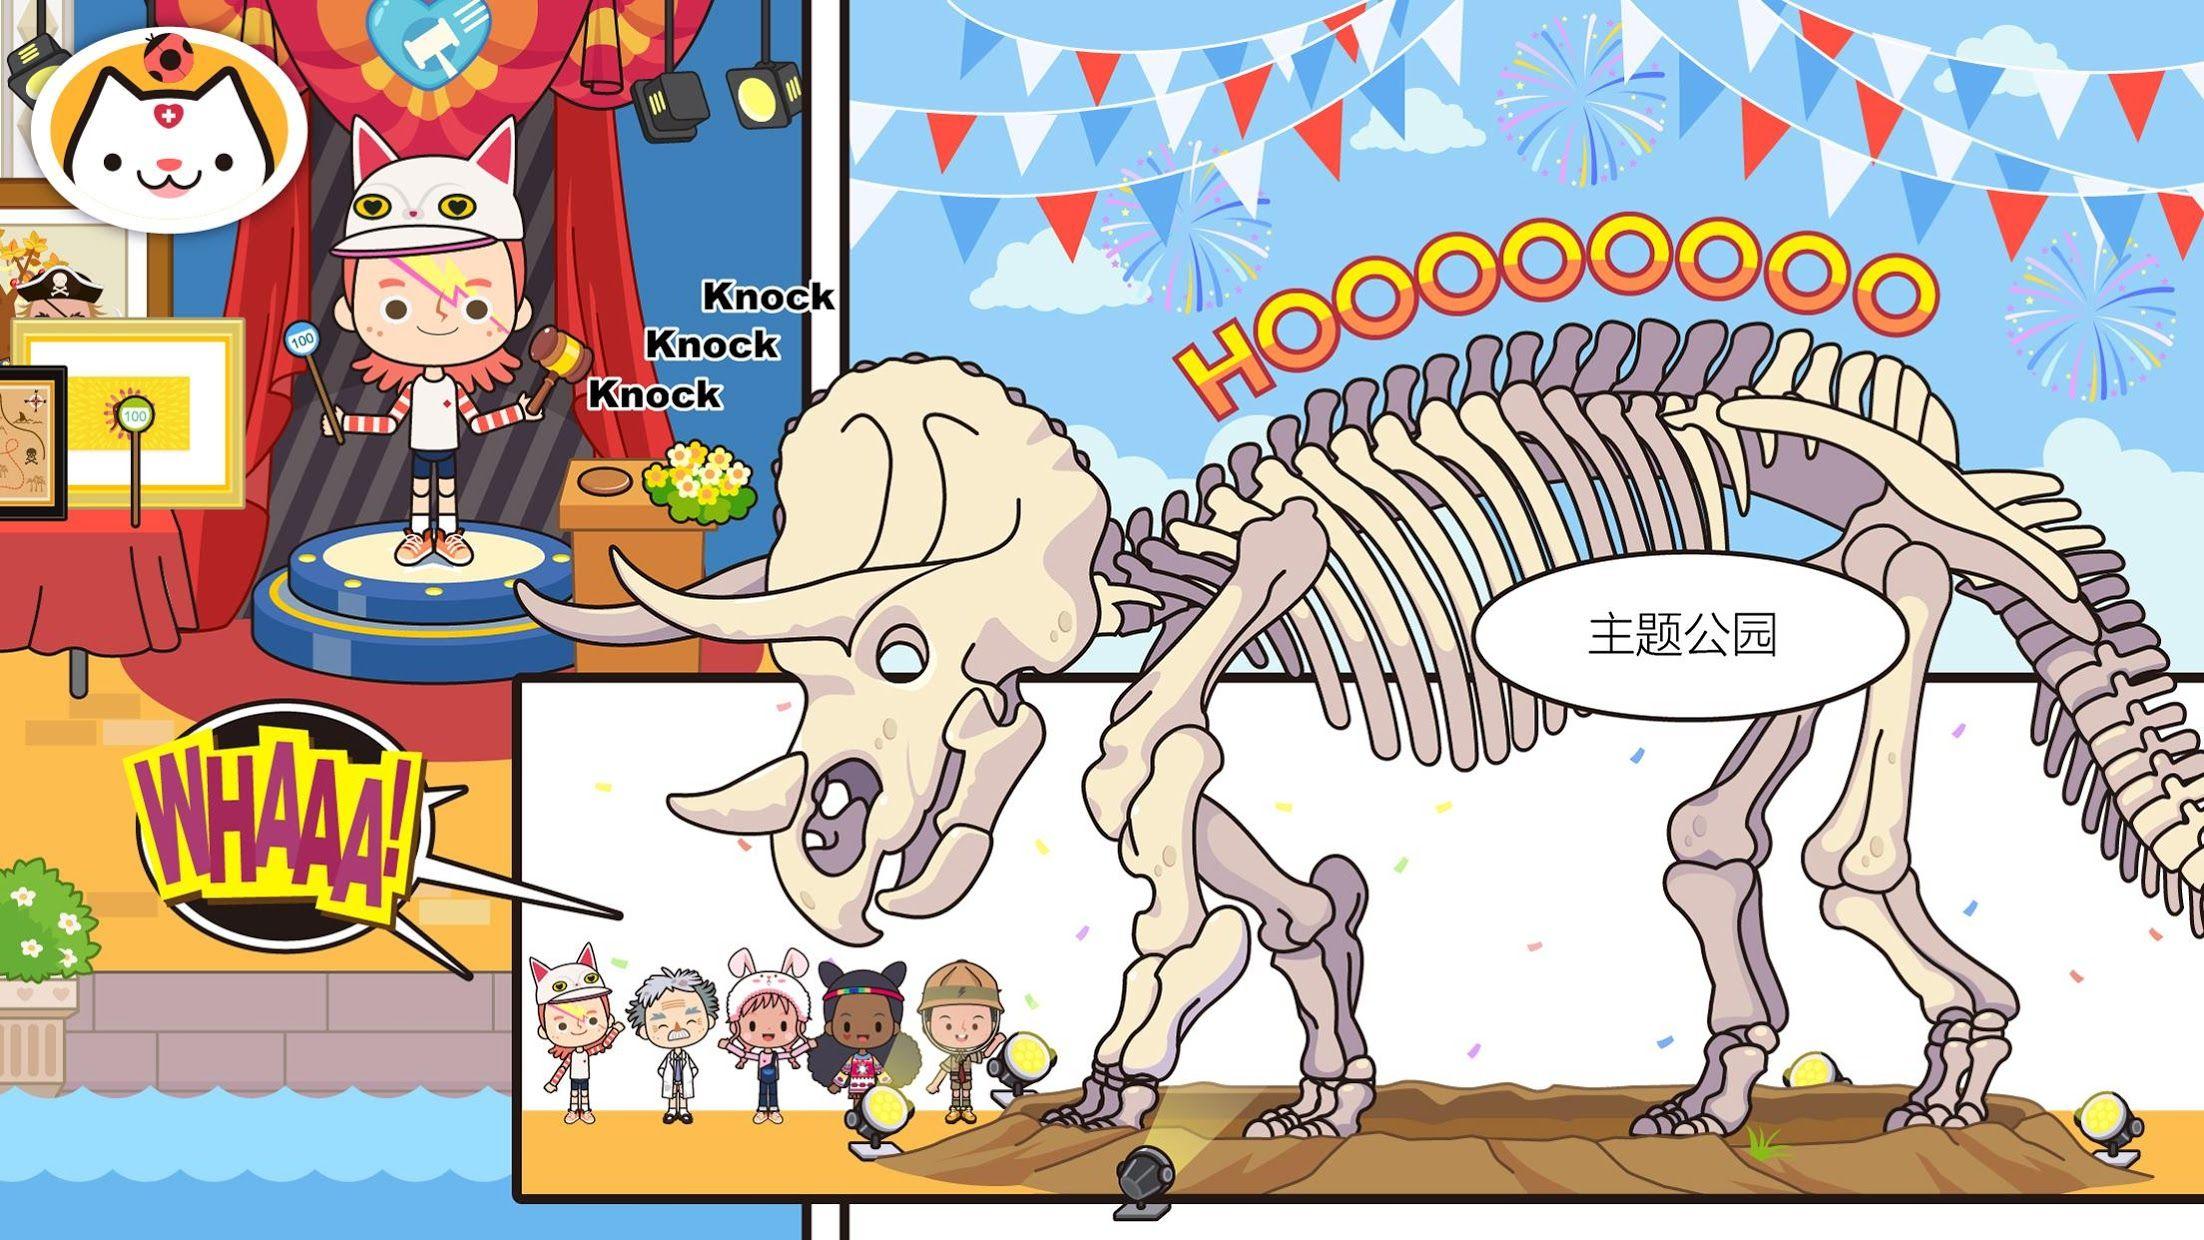 米加小镇:度假之旅-益智教育游戏 游戏截图5